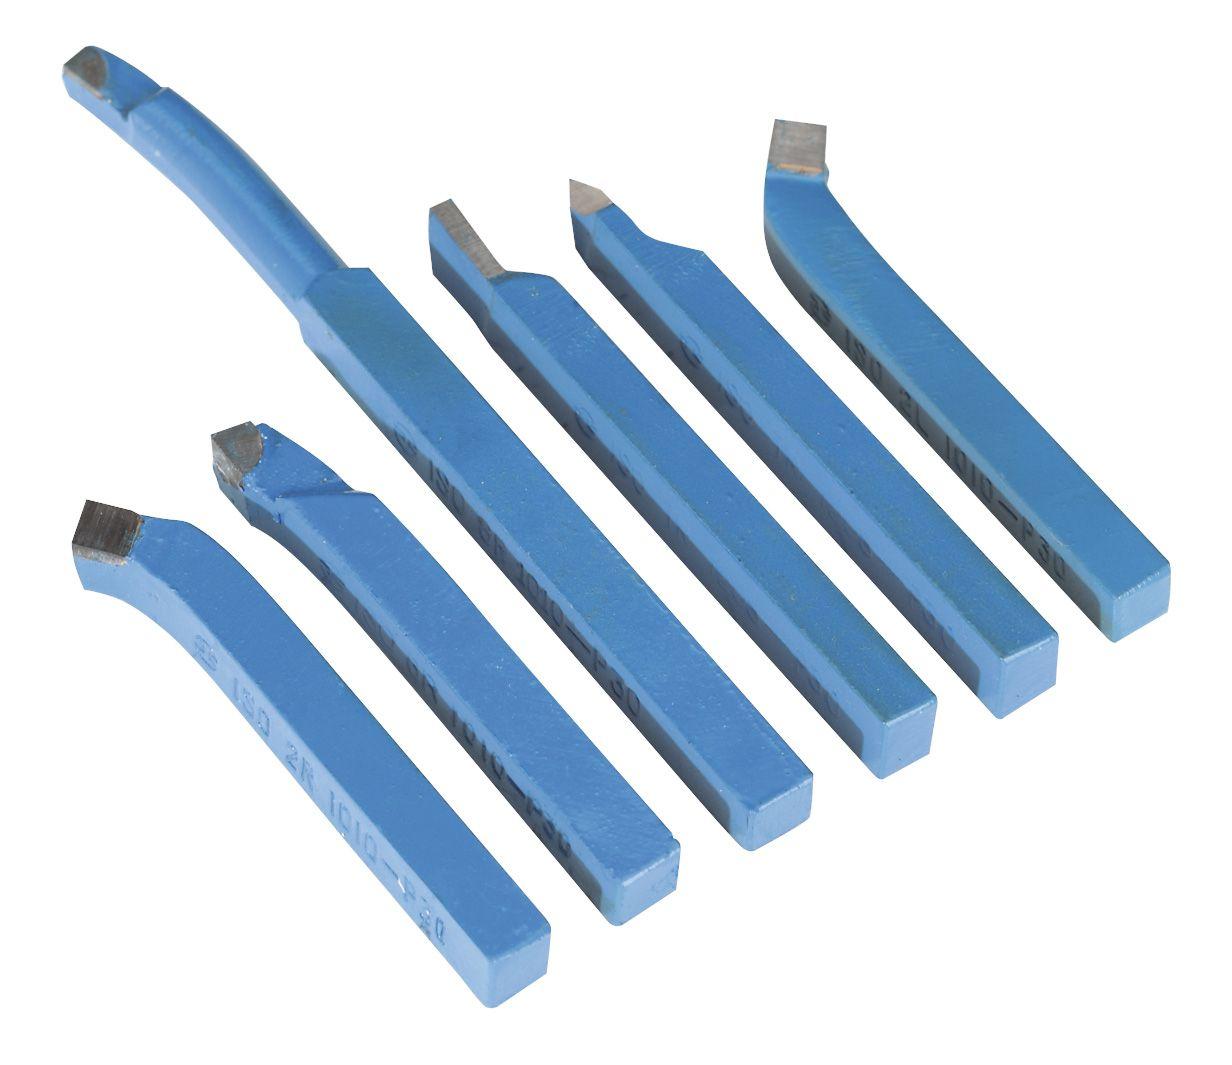 Sealey Turning Set 6pc 10 x 10mm